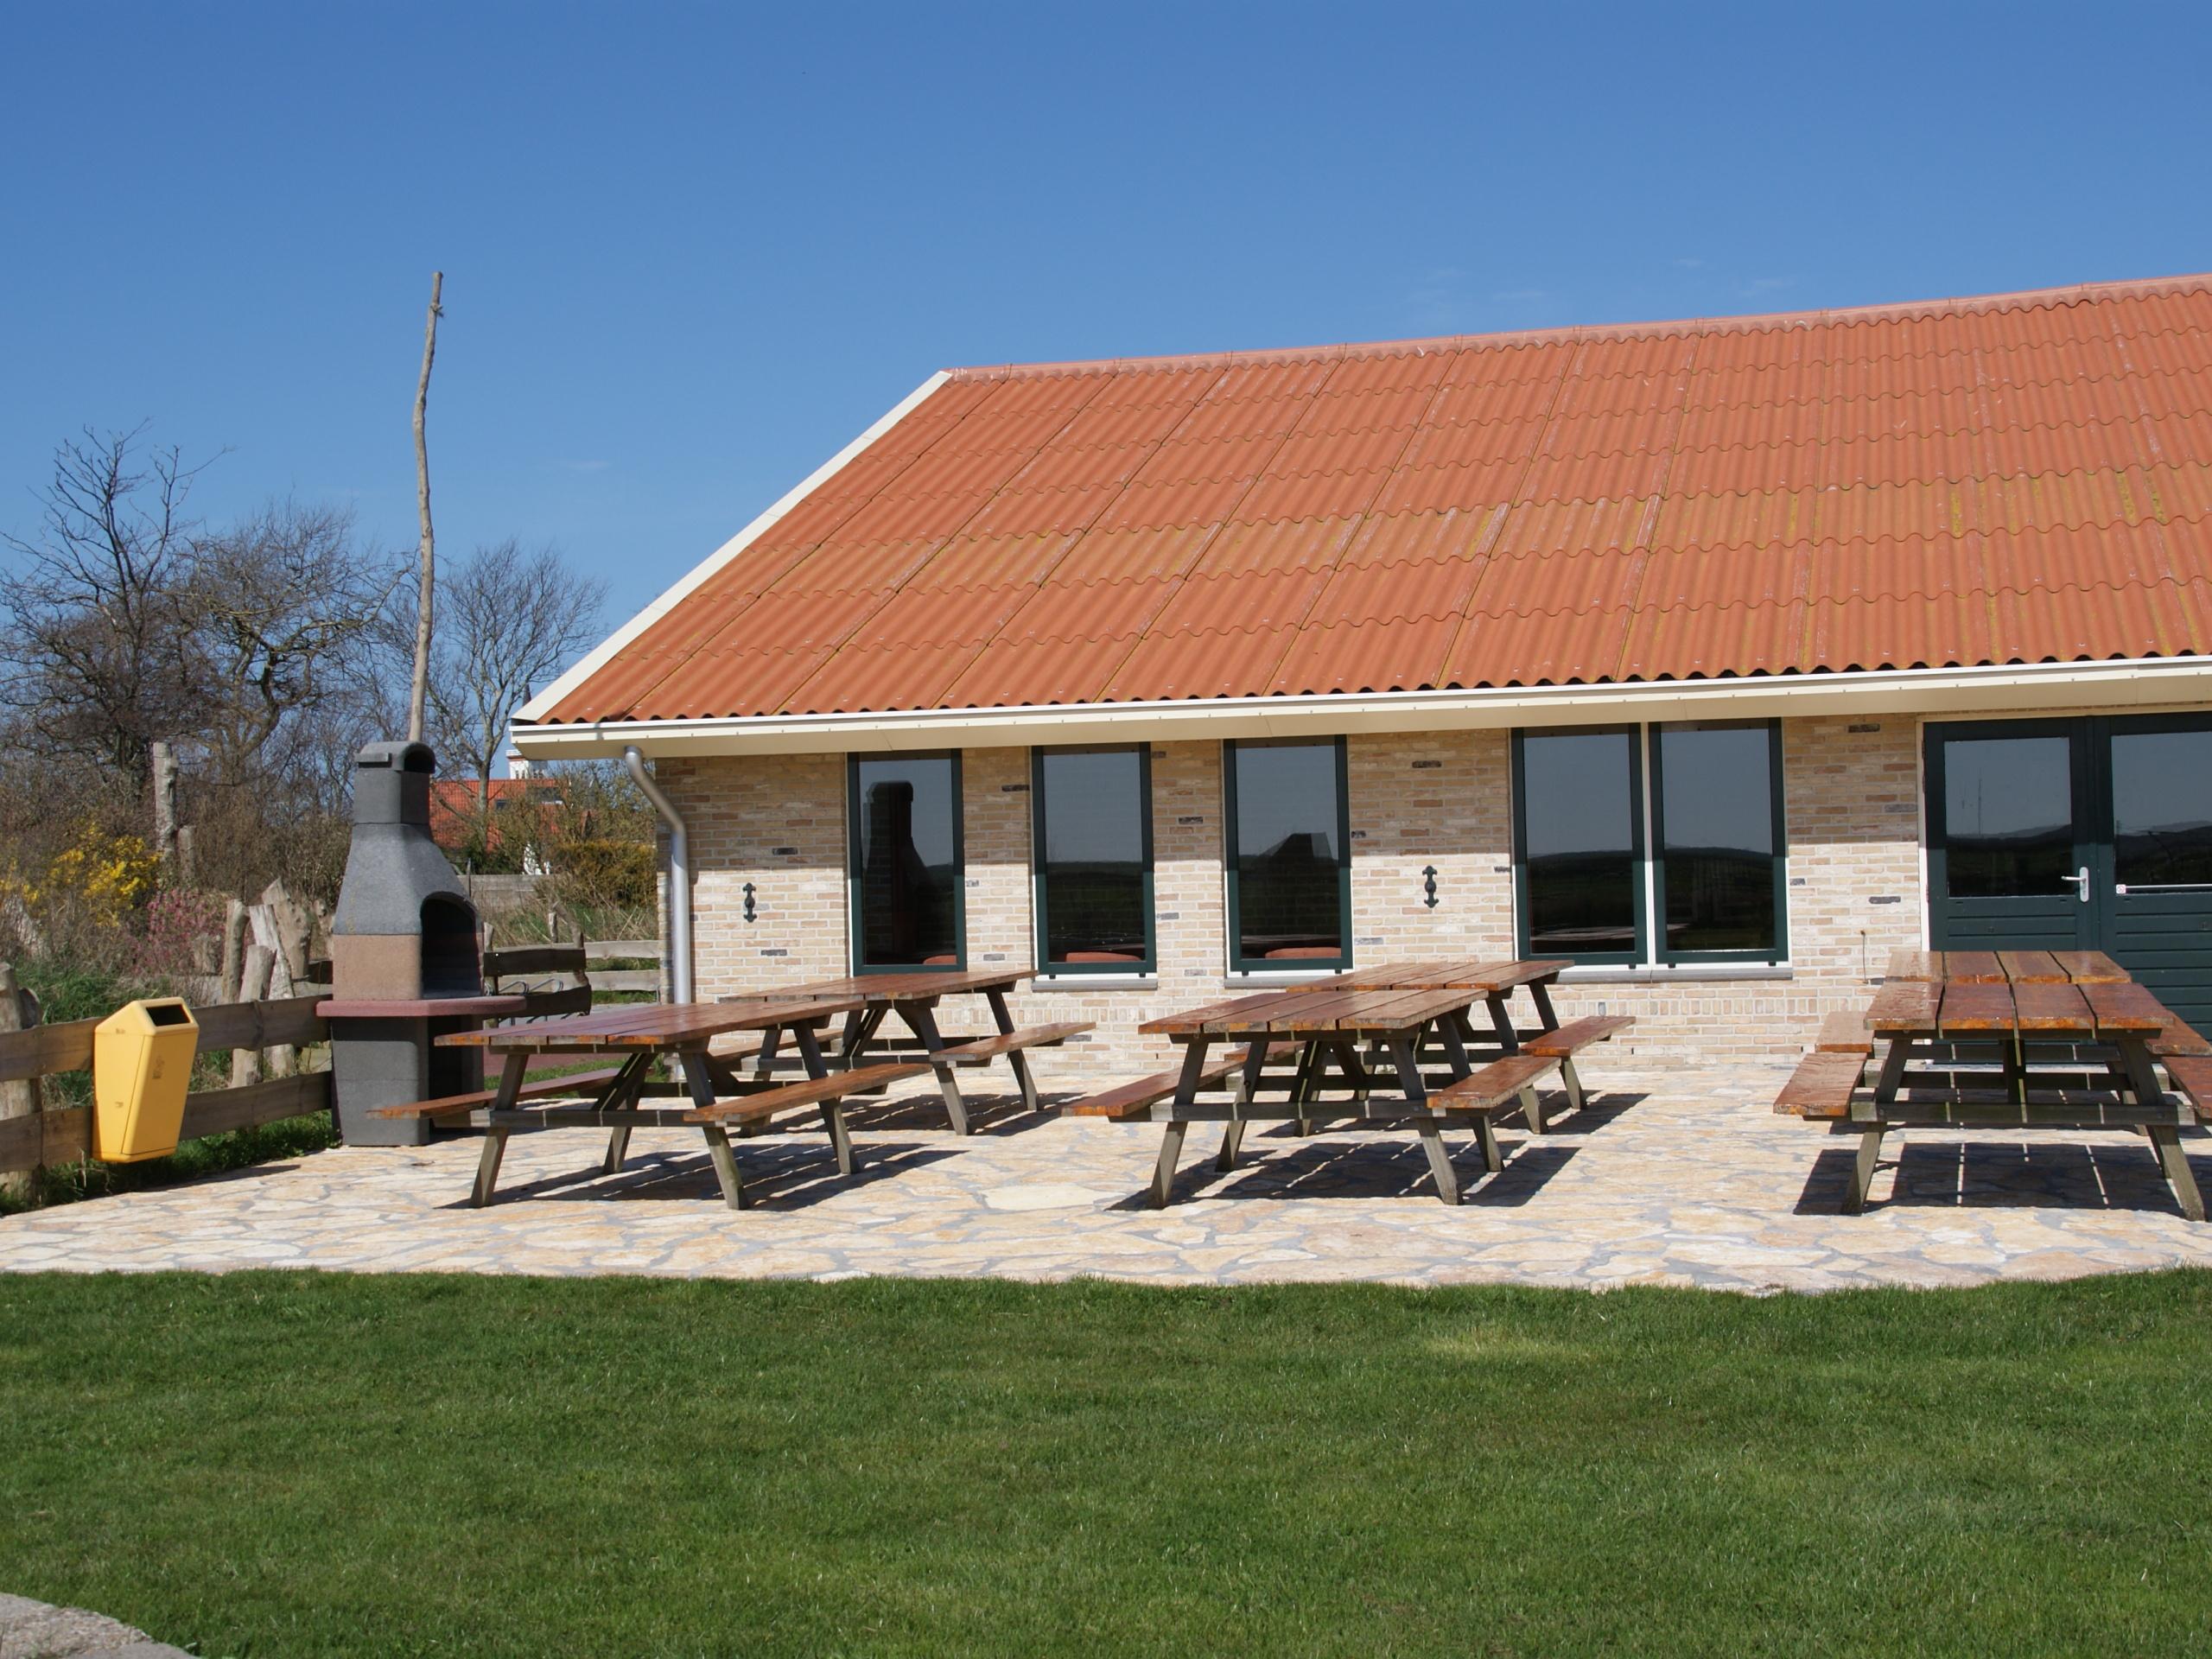 Gruppenunterkunft im Country - und Westernstil bei Den Hoorn